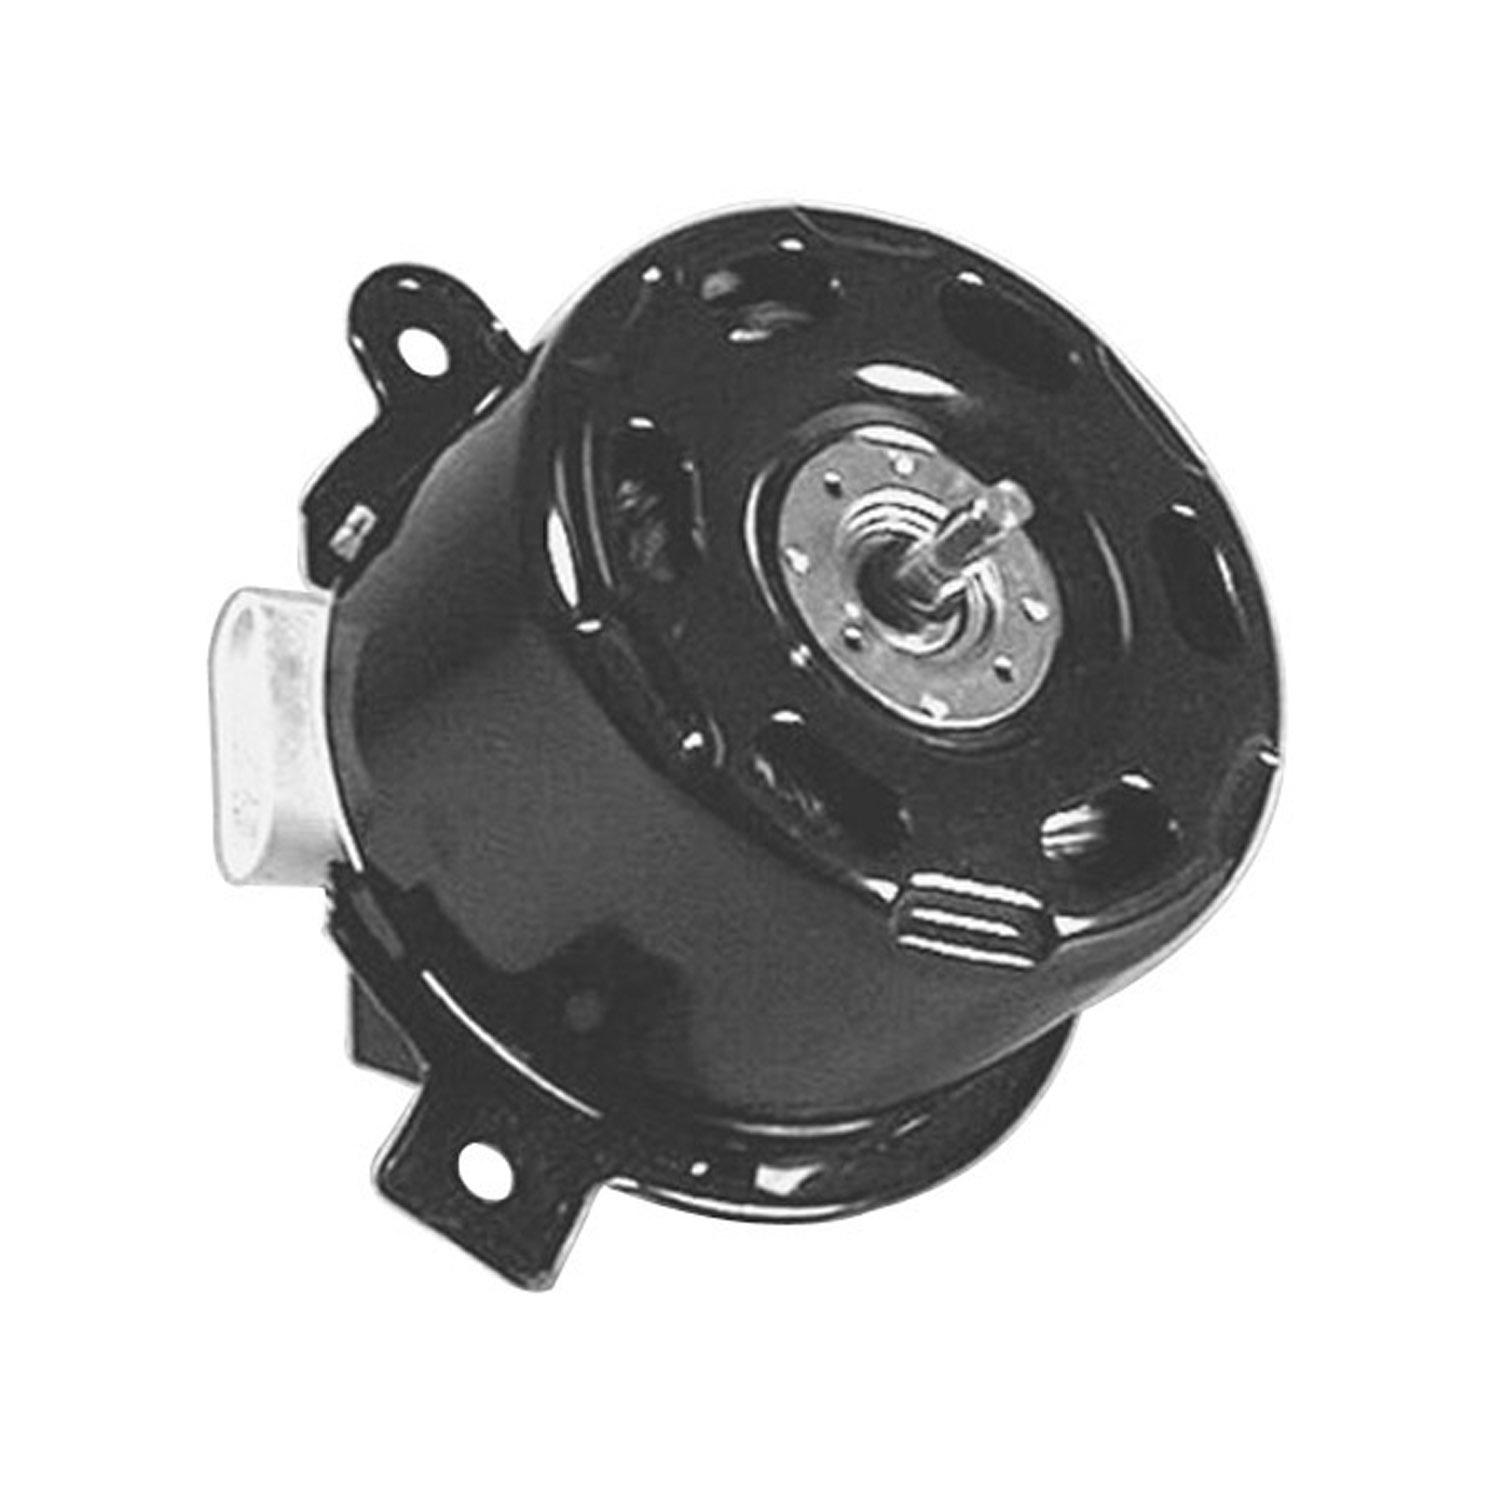 Radiator Fan Motor 35131 Four Seasons